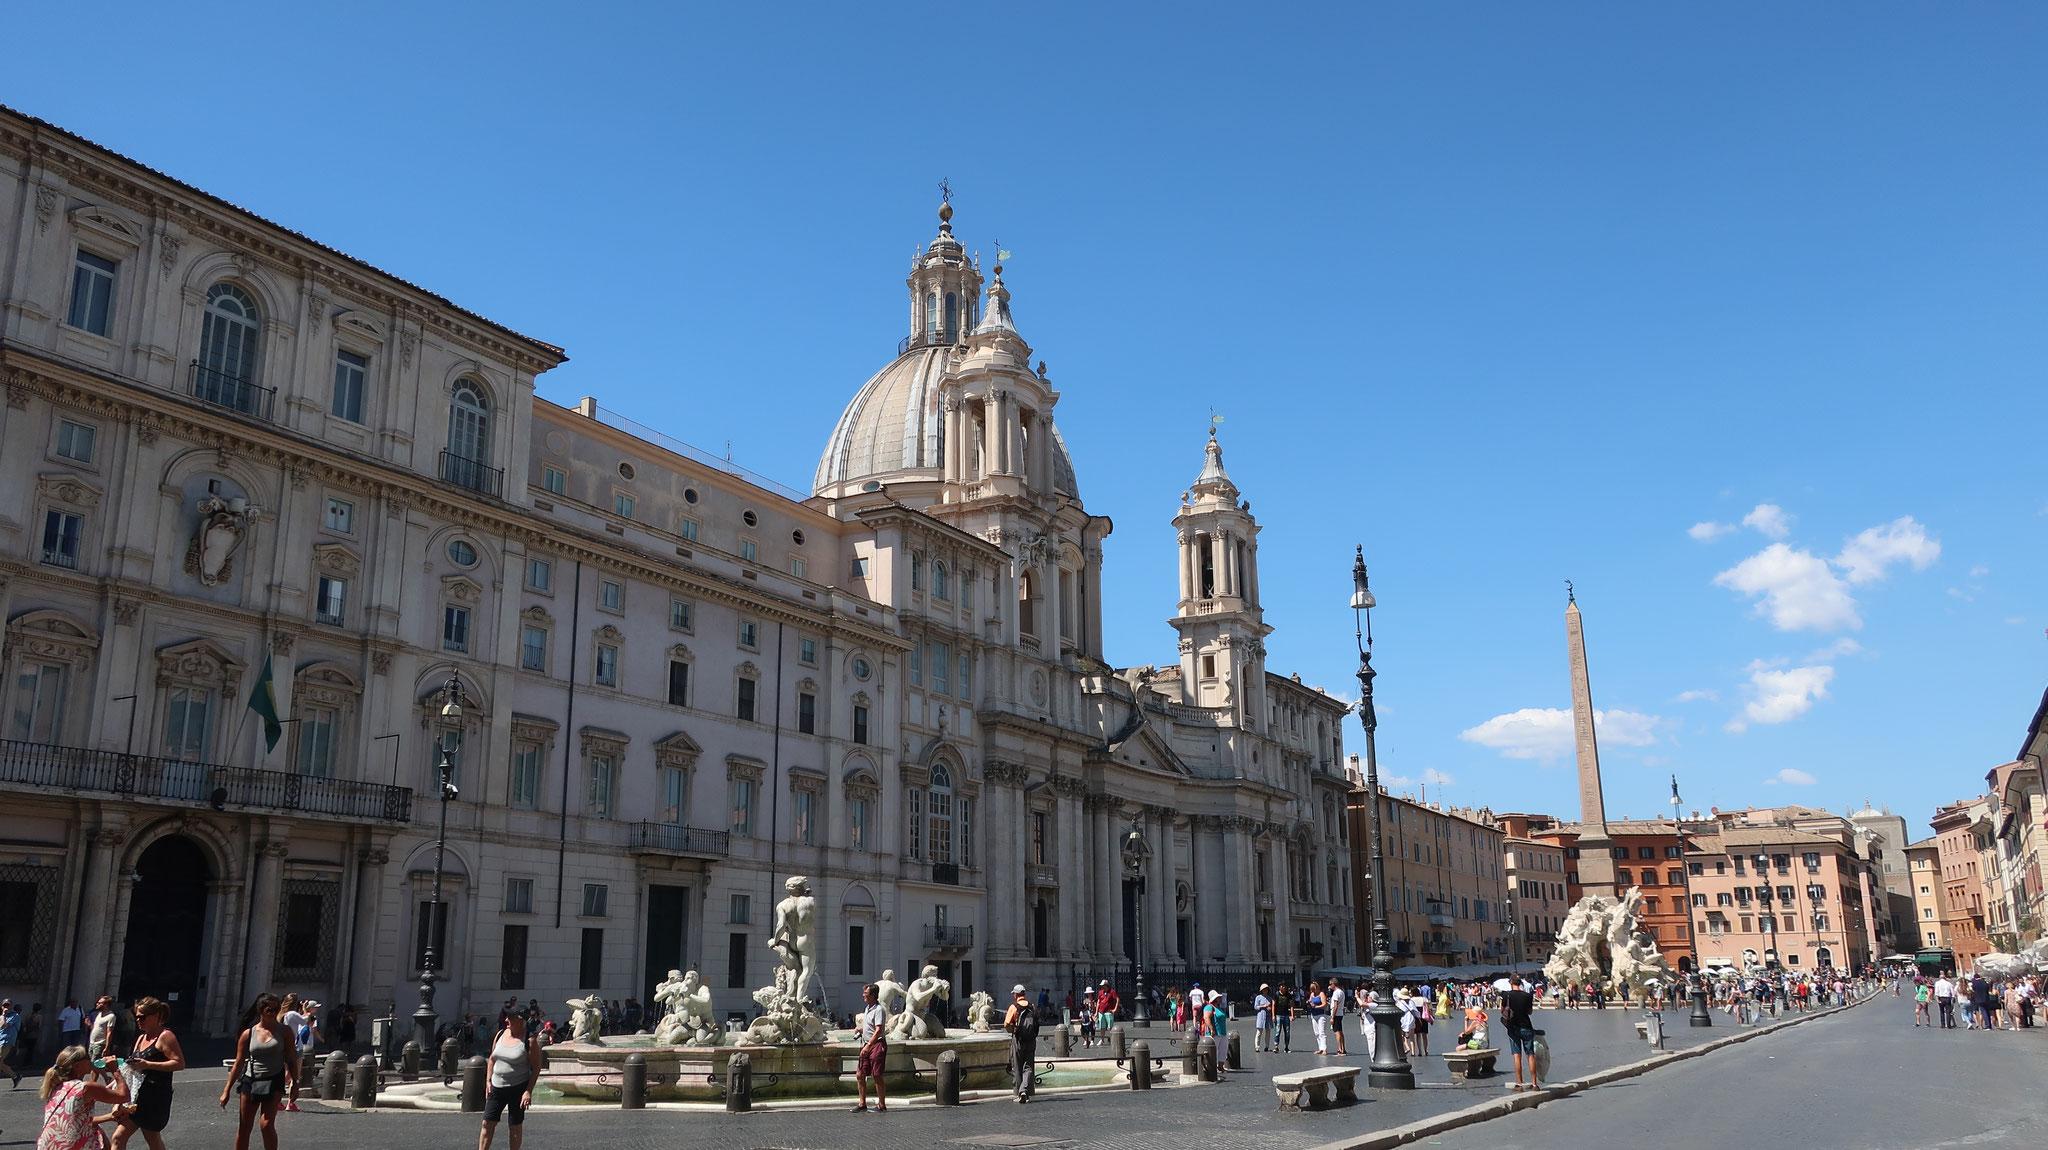 ナヴォーナ広場に面して建つ、手前からパンフィーリ宮殿、サンタニェーゼ・イン・アゴーネ教会